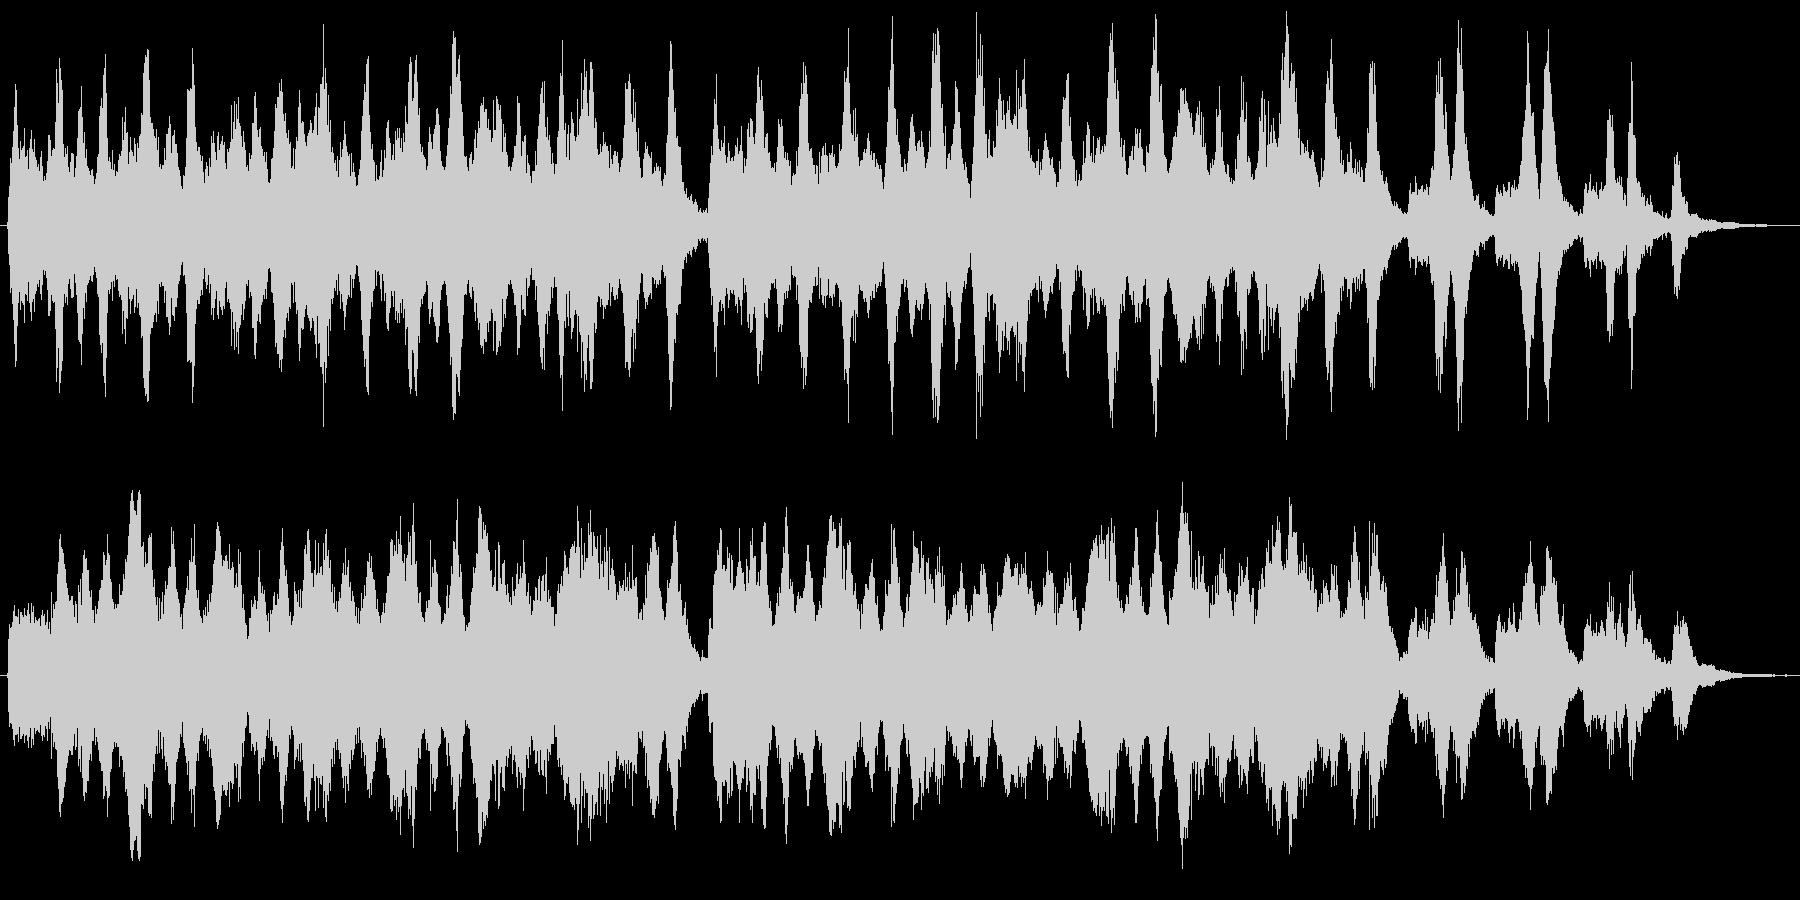 高級感・哀愁・バロック室内楽(26秒)の未再生の波形